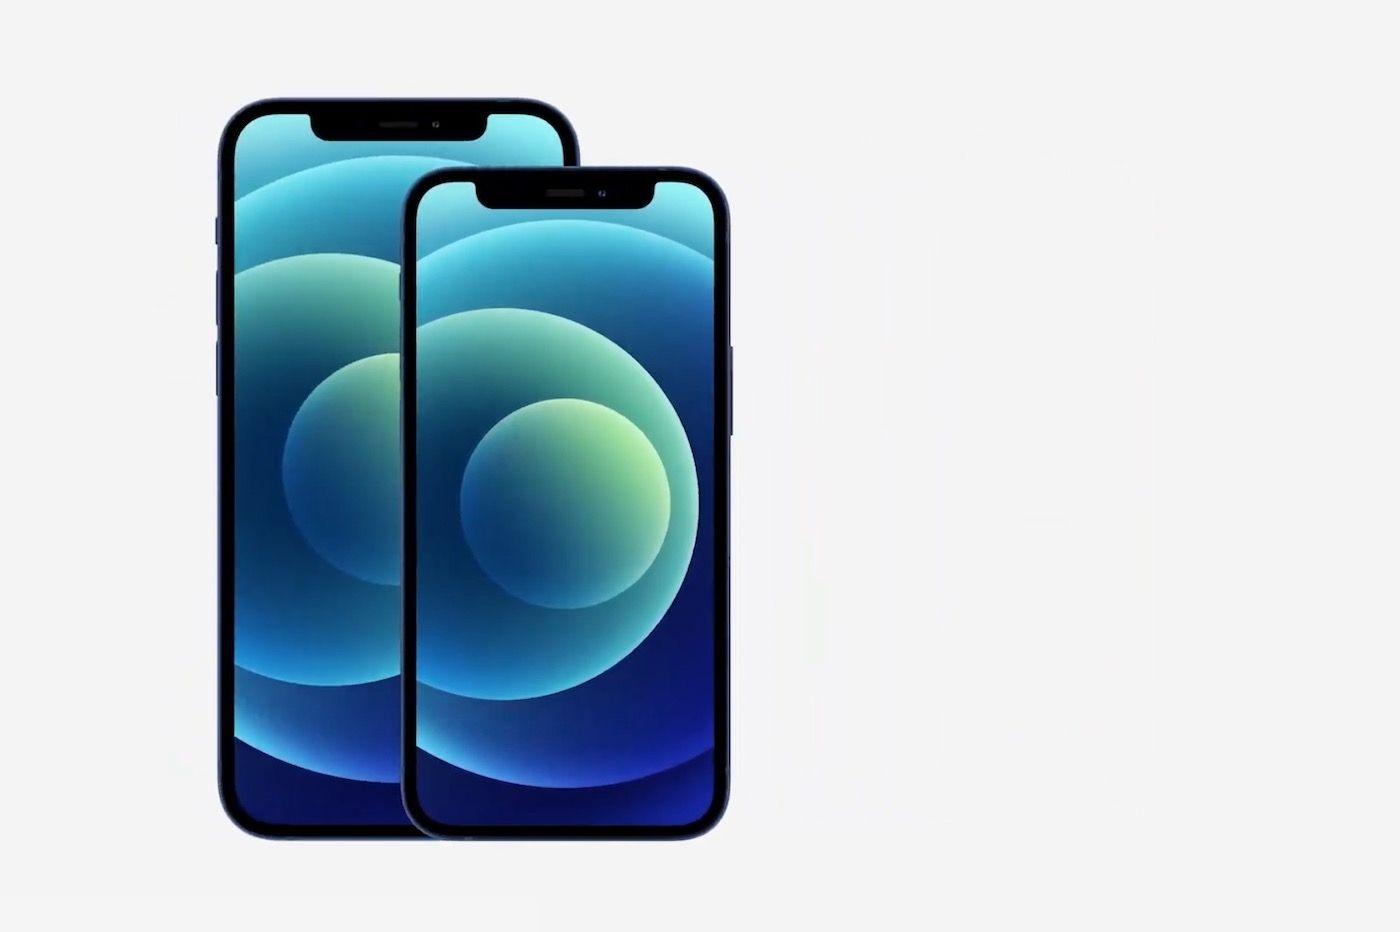 Défauts de conception sur iPhone 12 : les bordures s'abîment, la vitre arrière se fissure